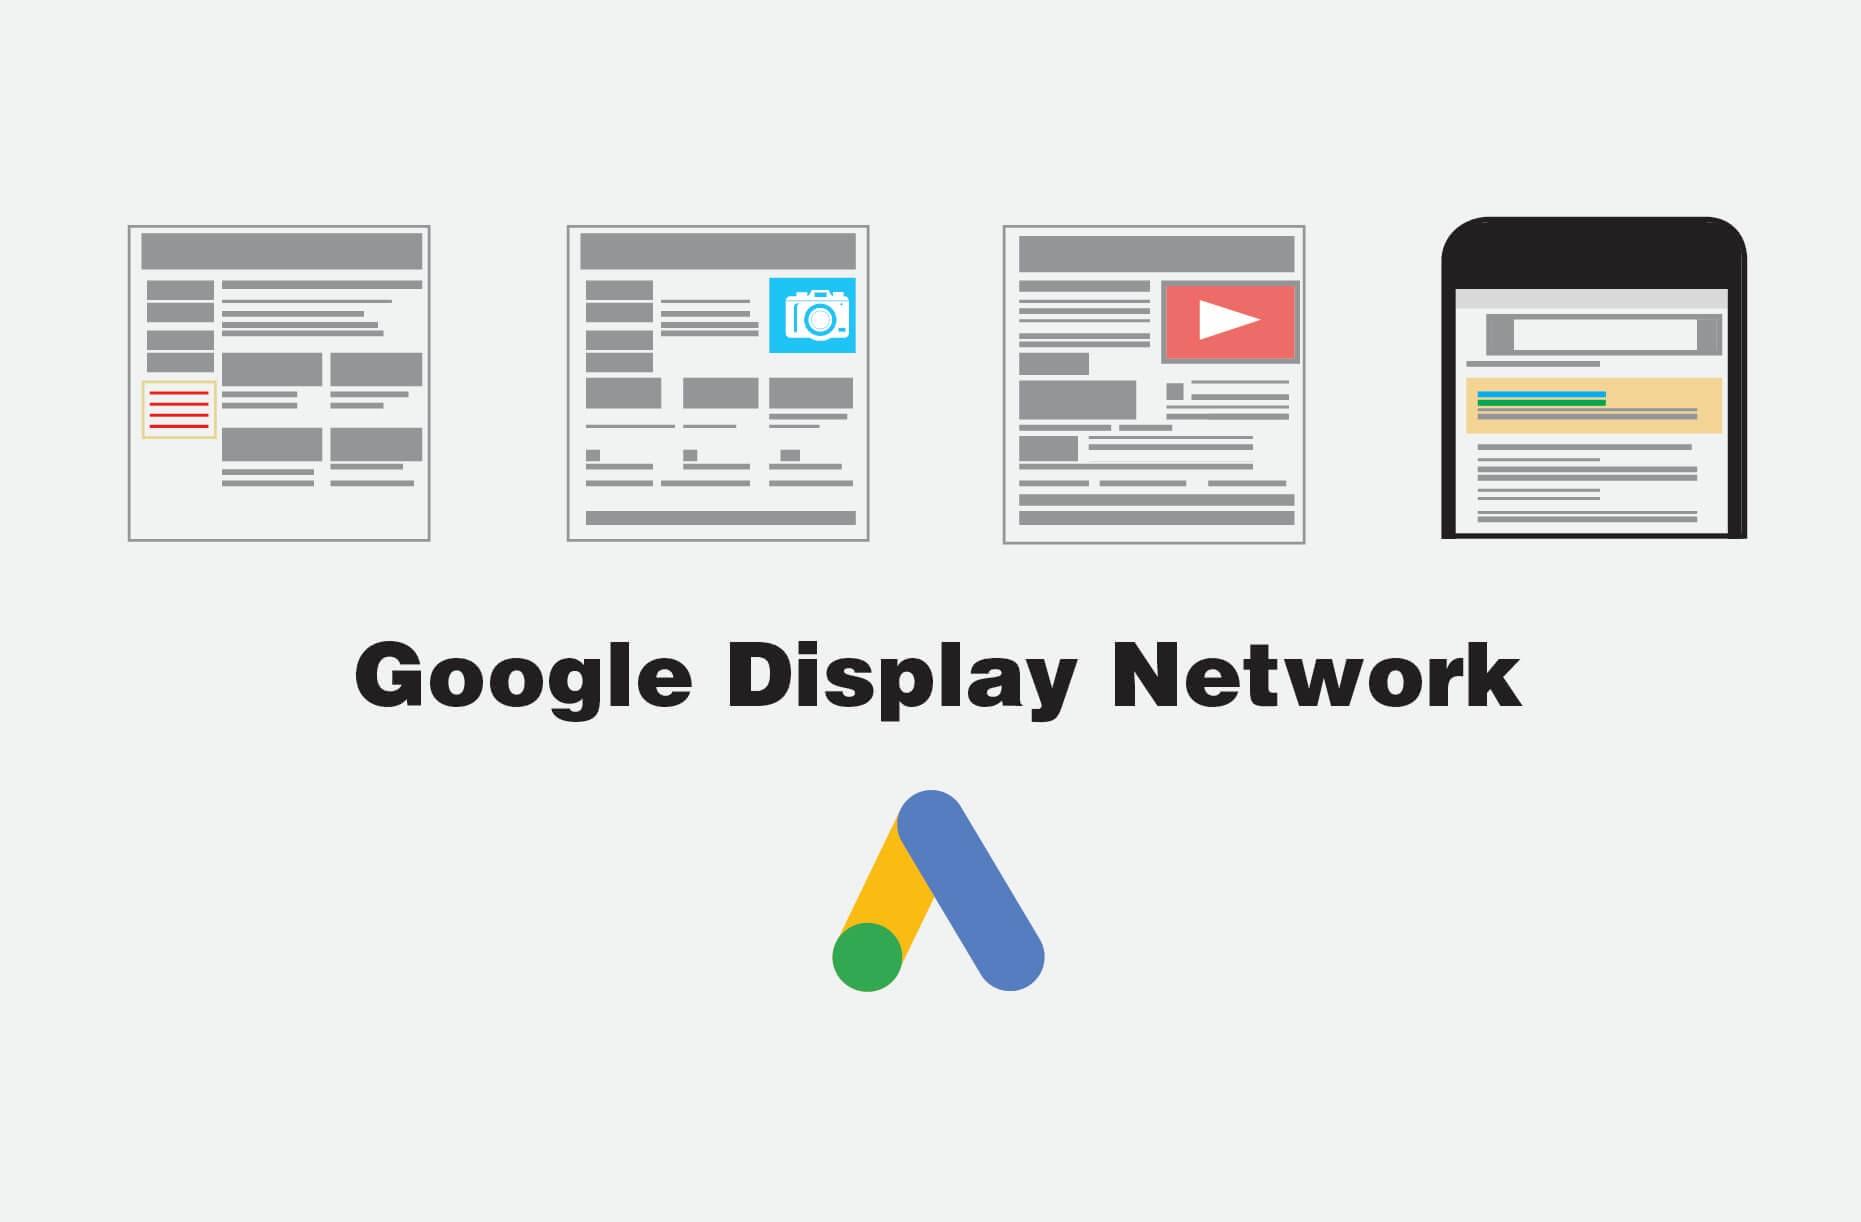 روشهای تبلیغ در شبکهٔ نمایش گوگل